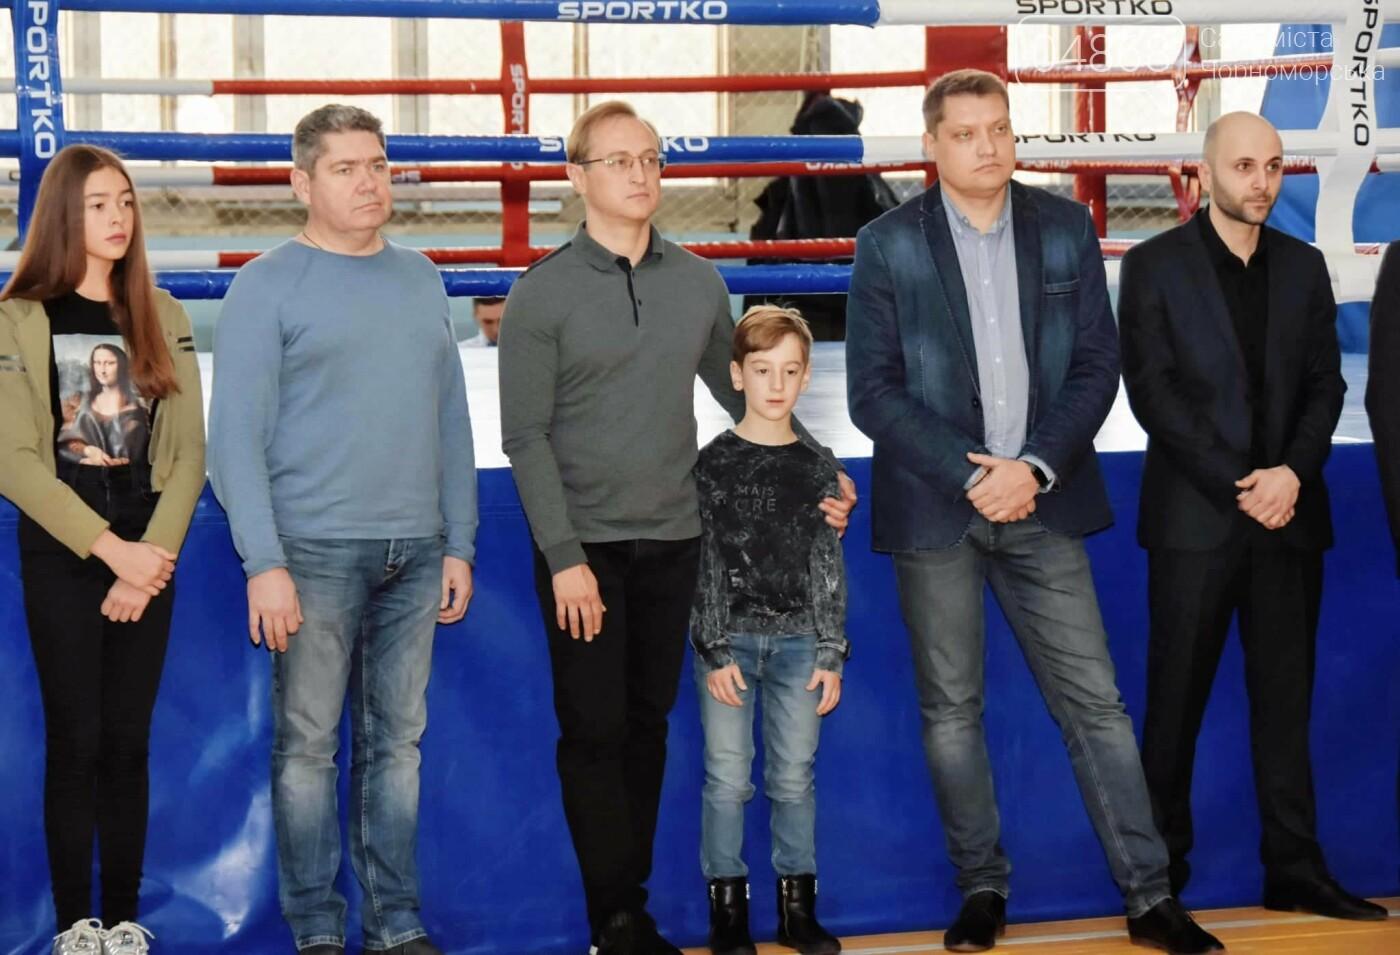 За золотом: в Черноморске прошёл турнир по кикбоксингу (видео), фото-2